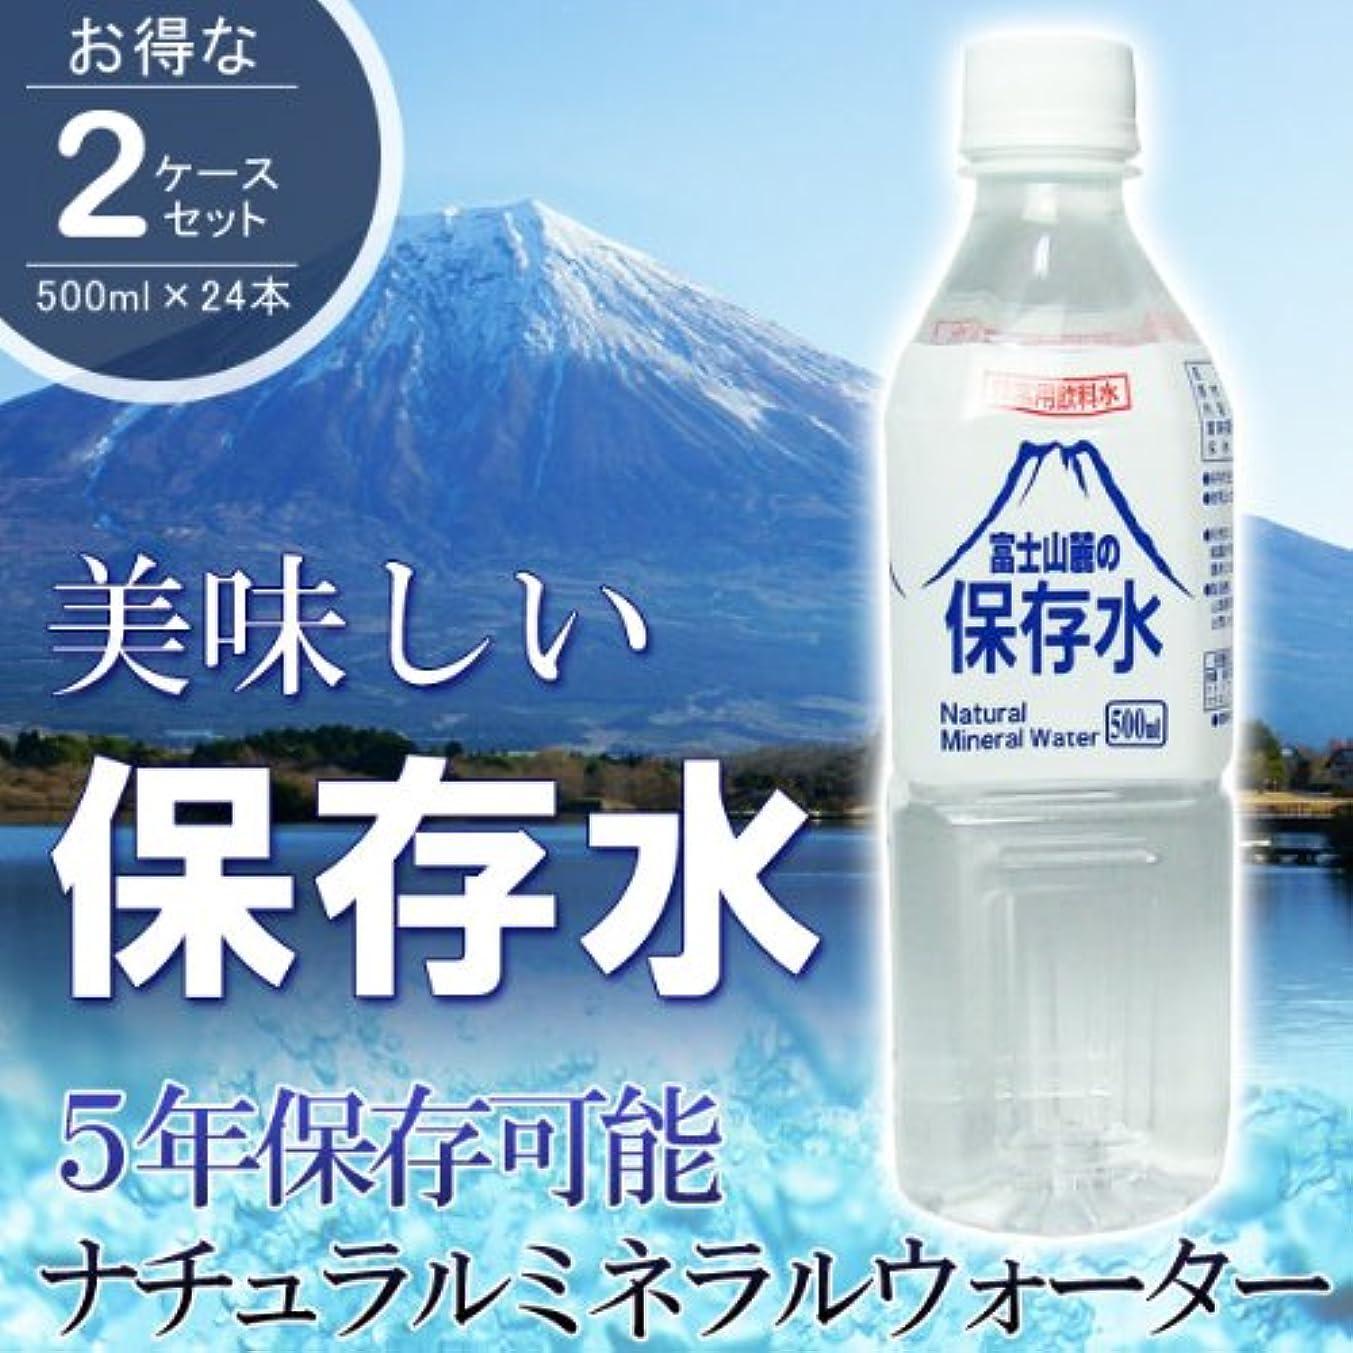 いつでも記憶に残るなめらかな5年保存可能 おいしい非常用飲料水 富士山麓の保存水 500ml×24本入 2ケース(48本)セット